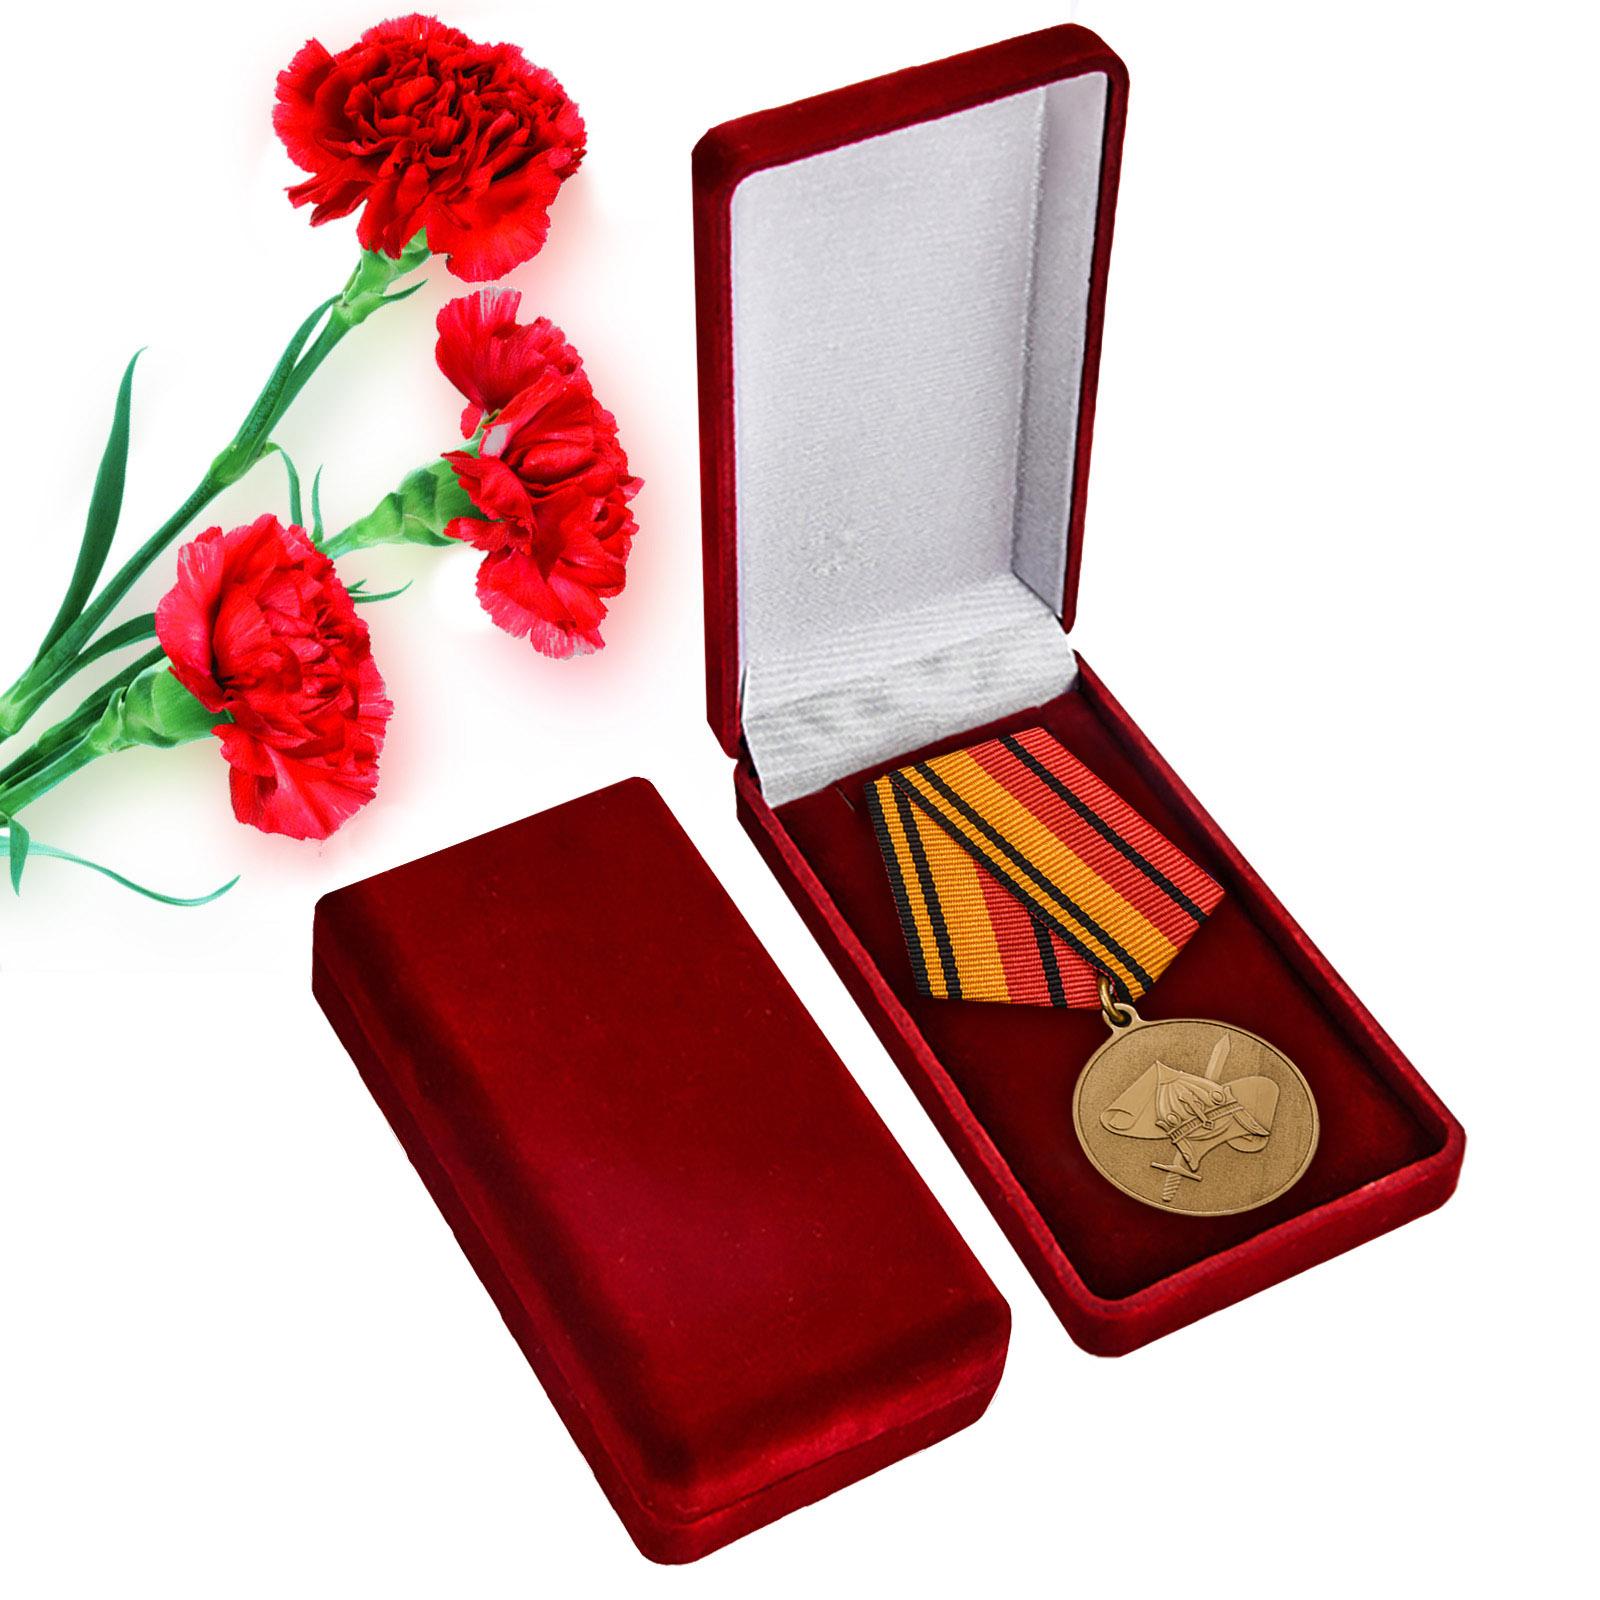 Купить медаль 200 лет Военно-научному комитету ВС России в подарок